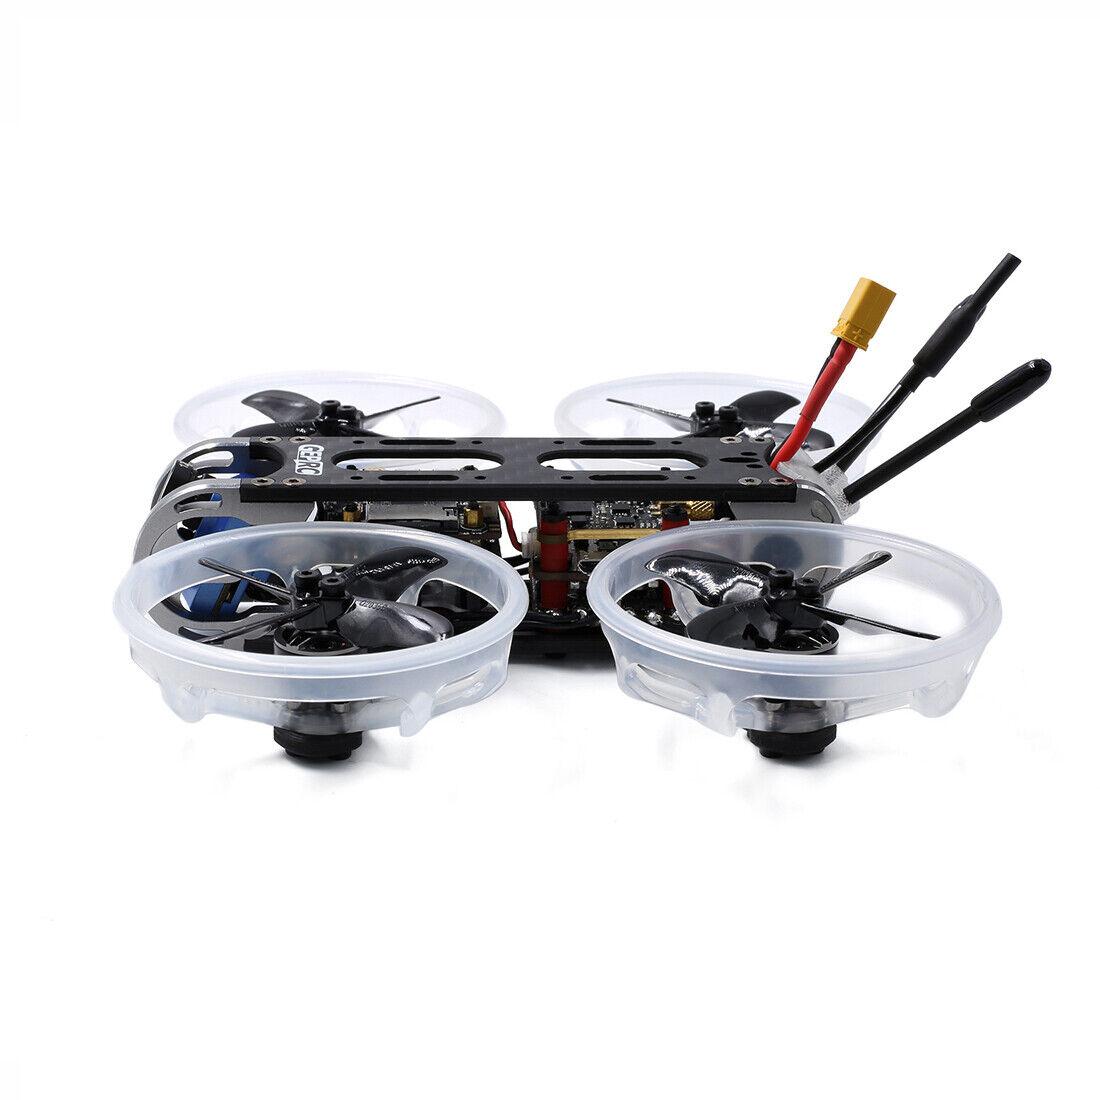 GEPRC CinePro  1080P 4K HD FPV Racing Drone Quadcopter 115mm 5.8G 48CH 500mW VTX  spedizione e scambi gratuiti.